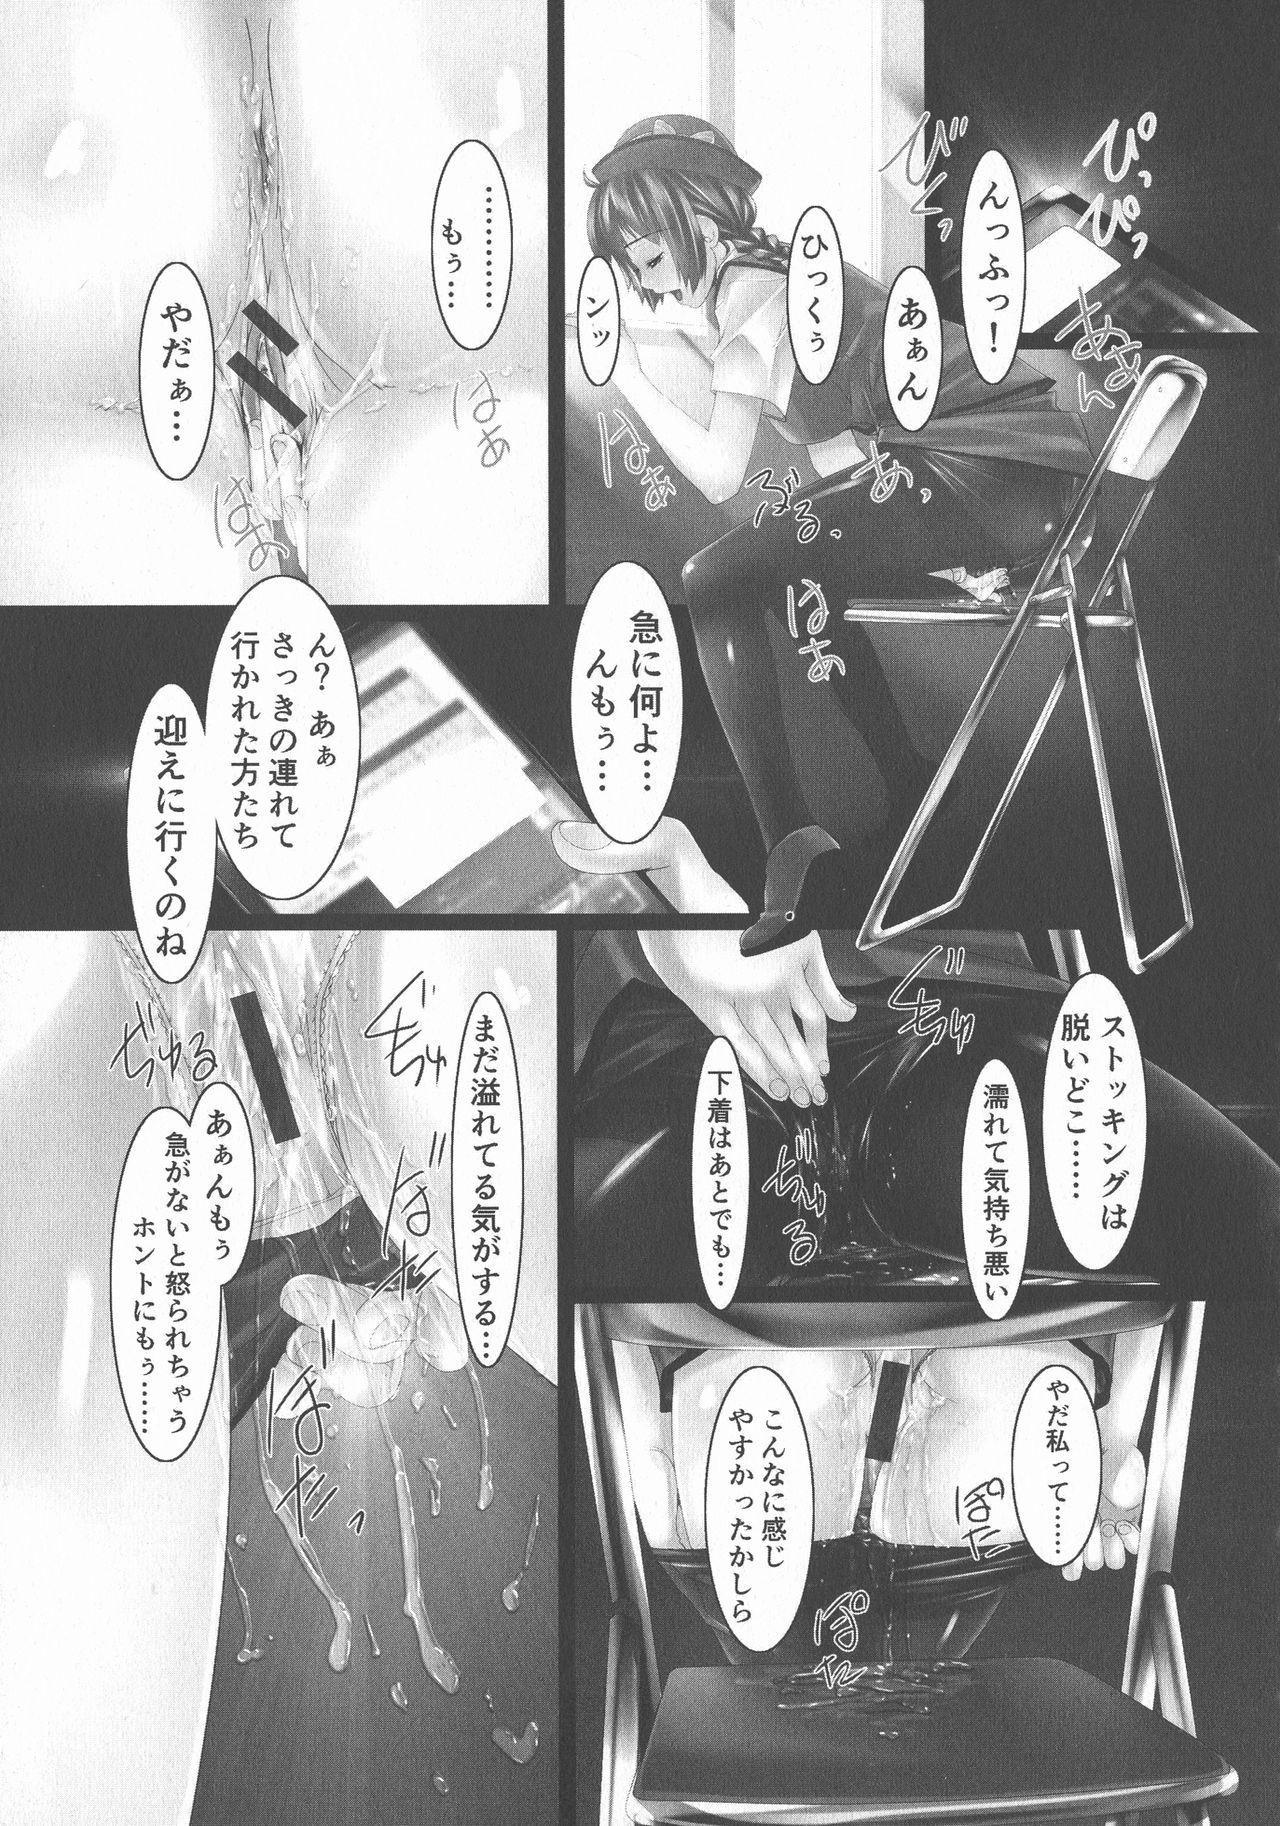 Jochiku no Utage 74